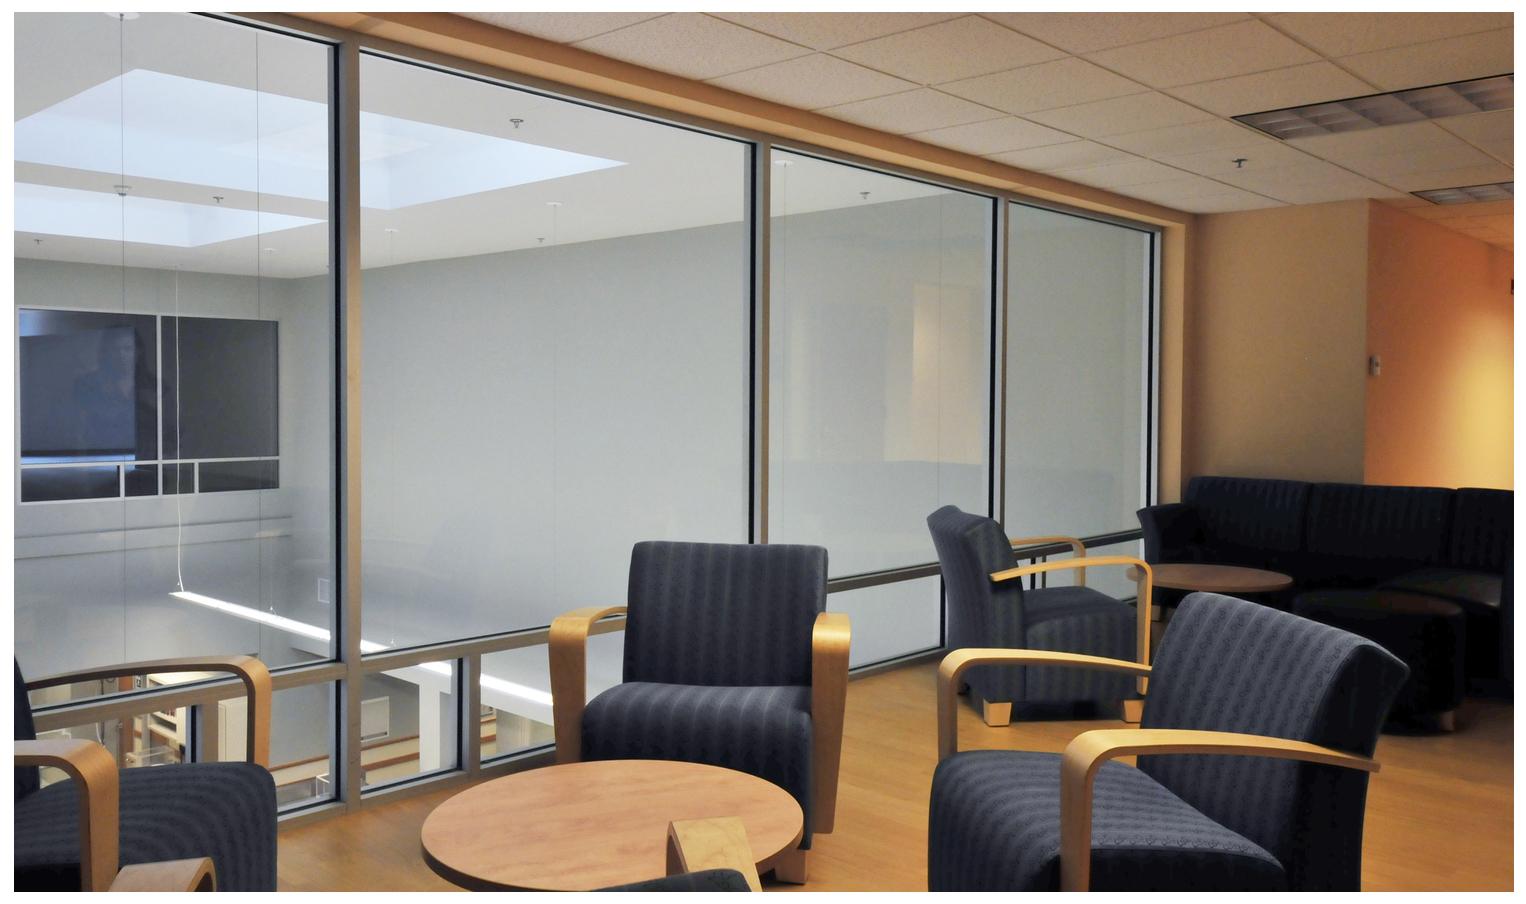 NorthStar+Vets+Interior+113.jpg